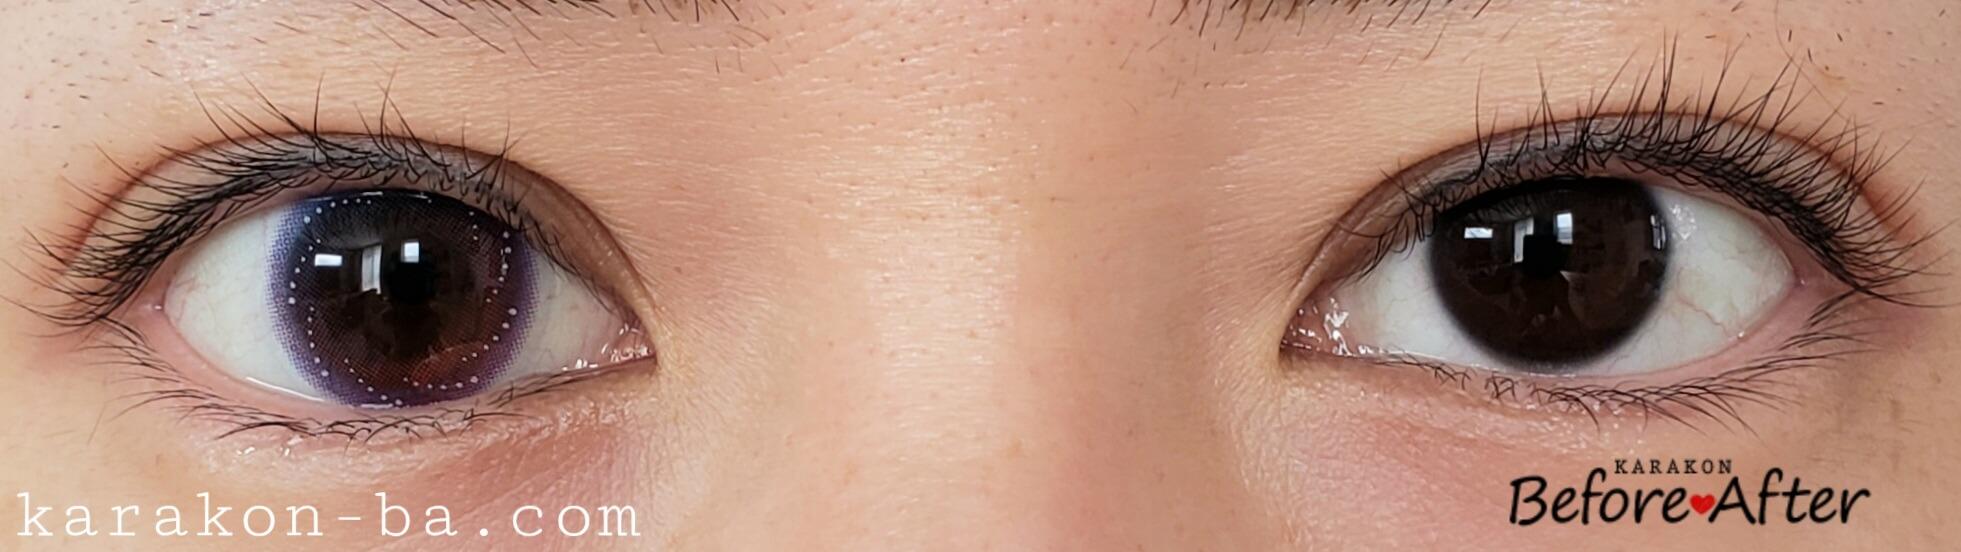 スターリーバイオレットのカラコン装着画像/裸眼と比較